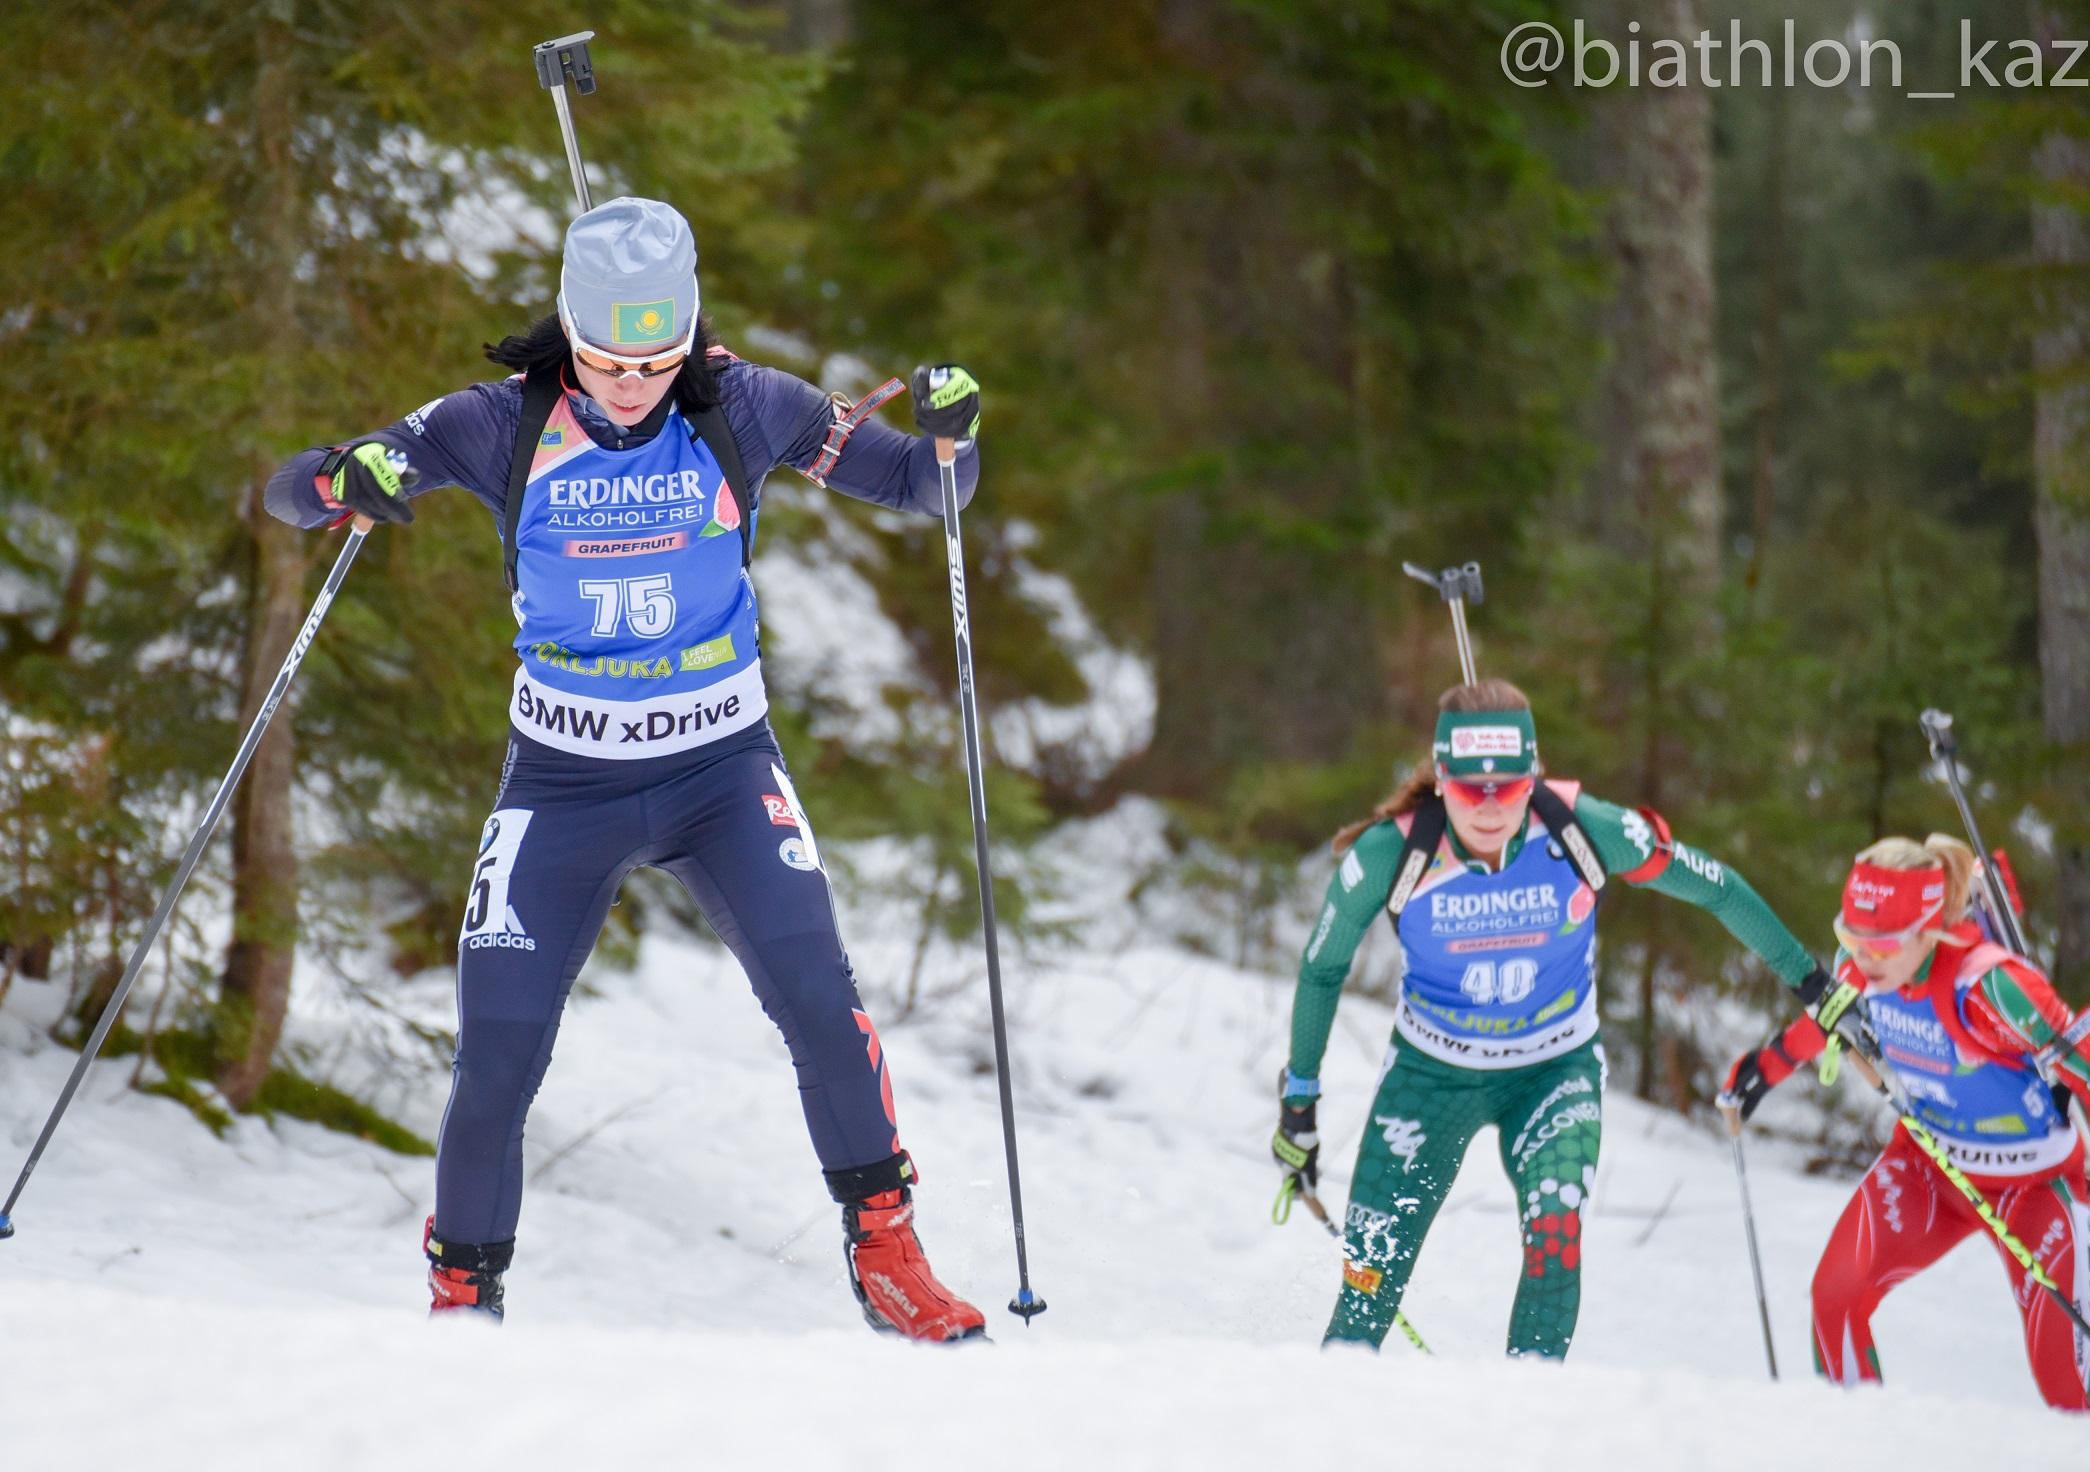 Казахстанские биатлонистки остались без наград на этапе индивидуальной гонки в Поклюке